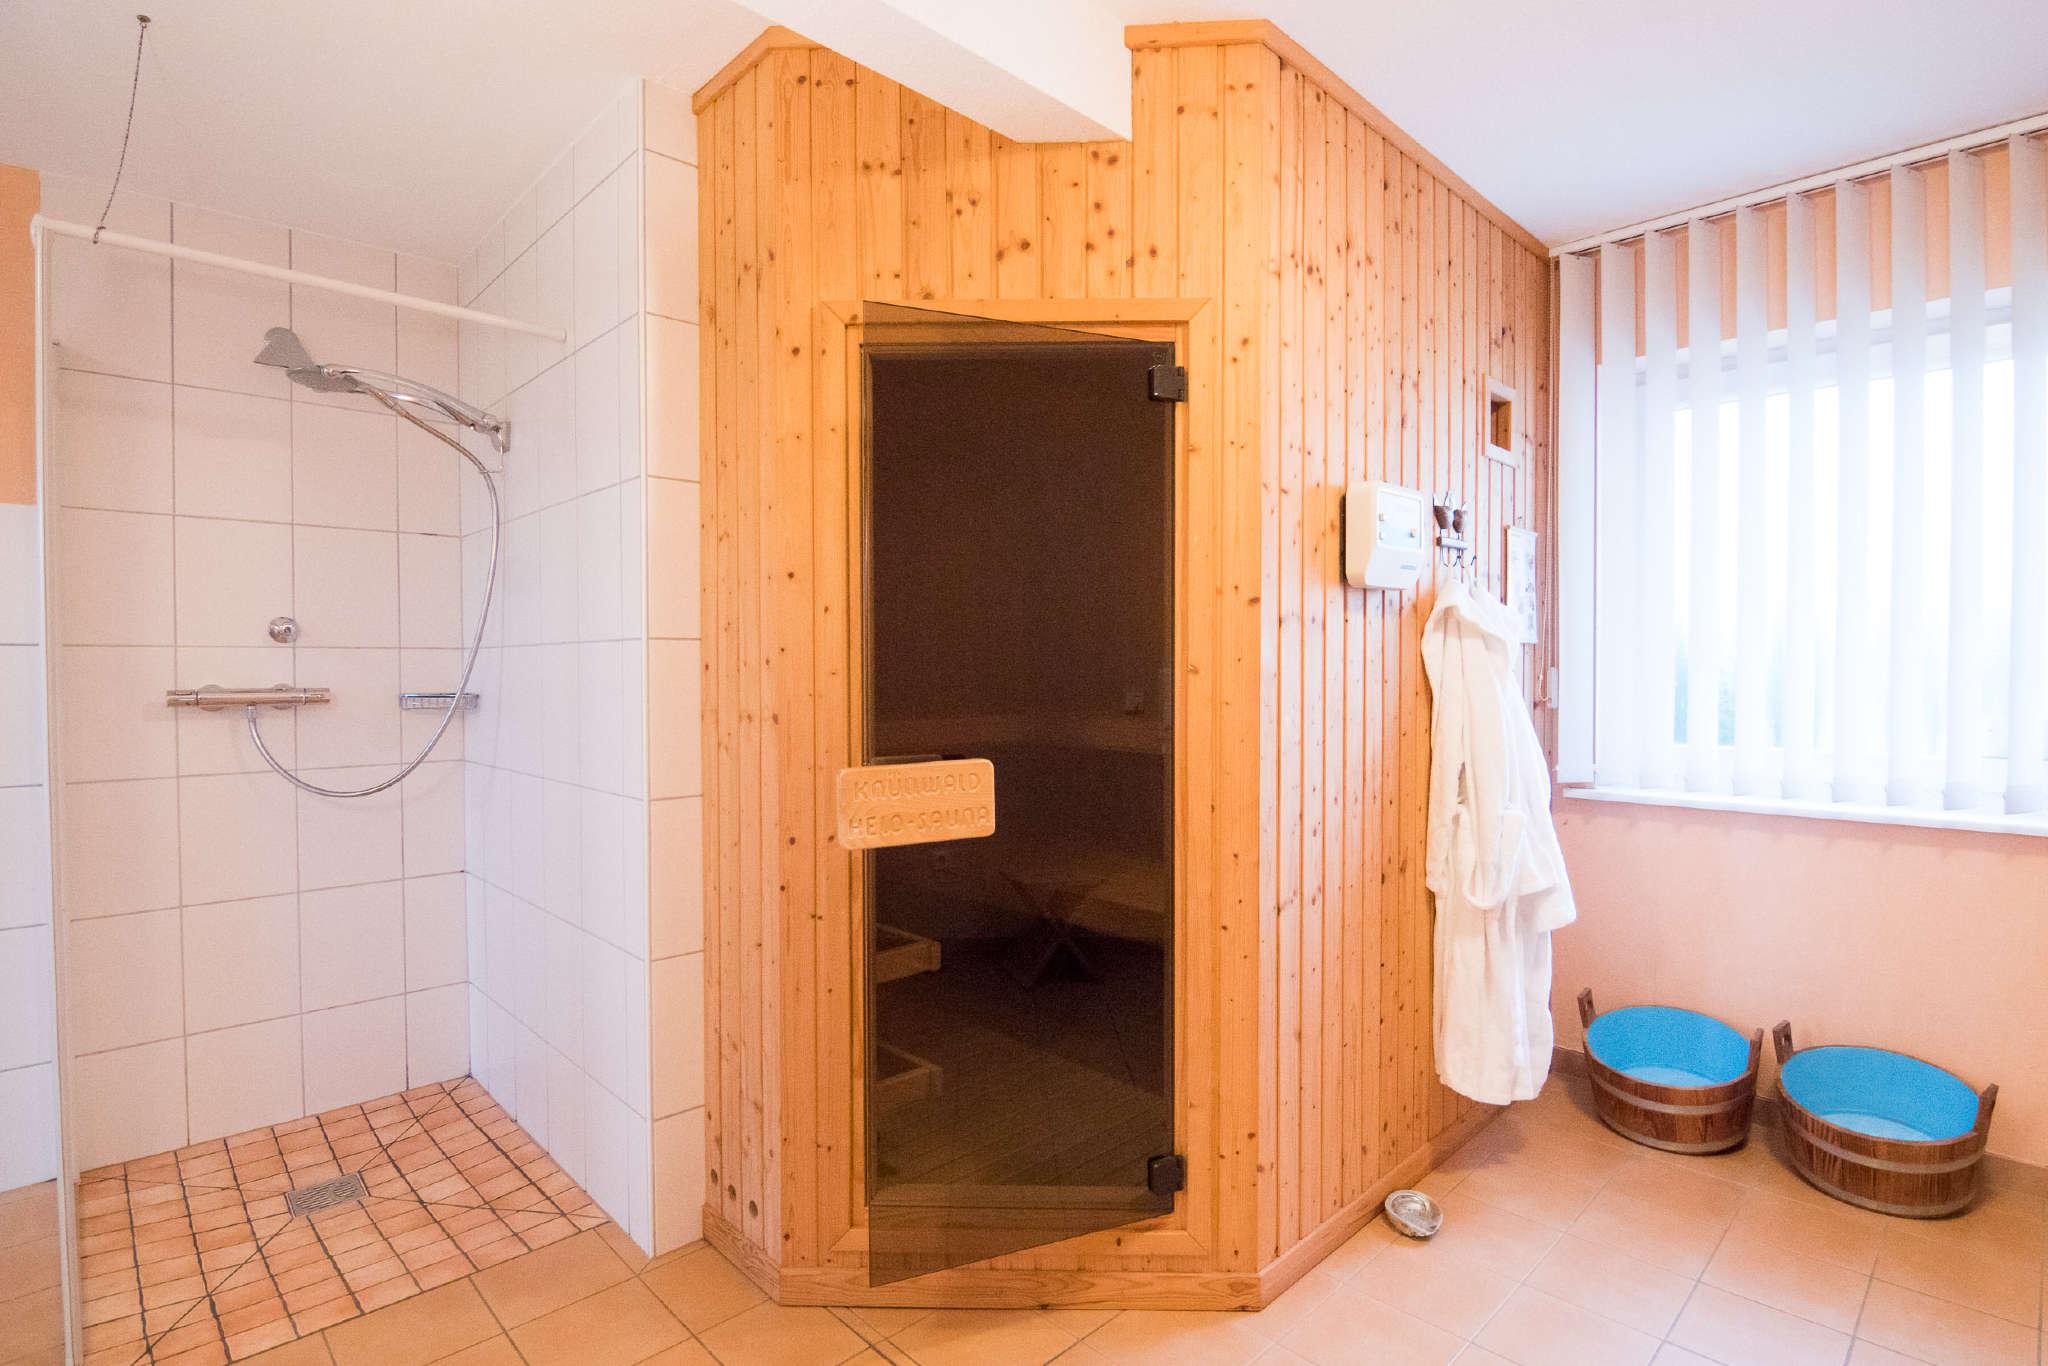 Gönnen Sie sich einen Saunagang!